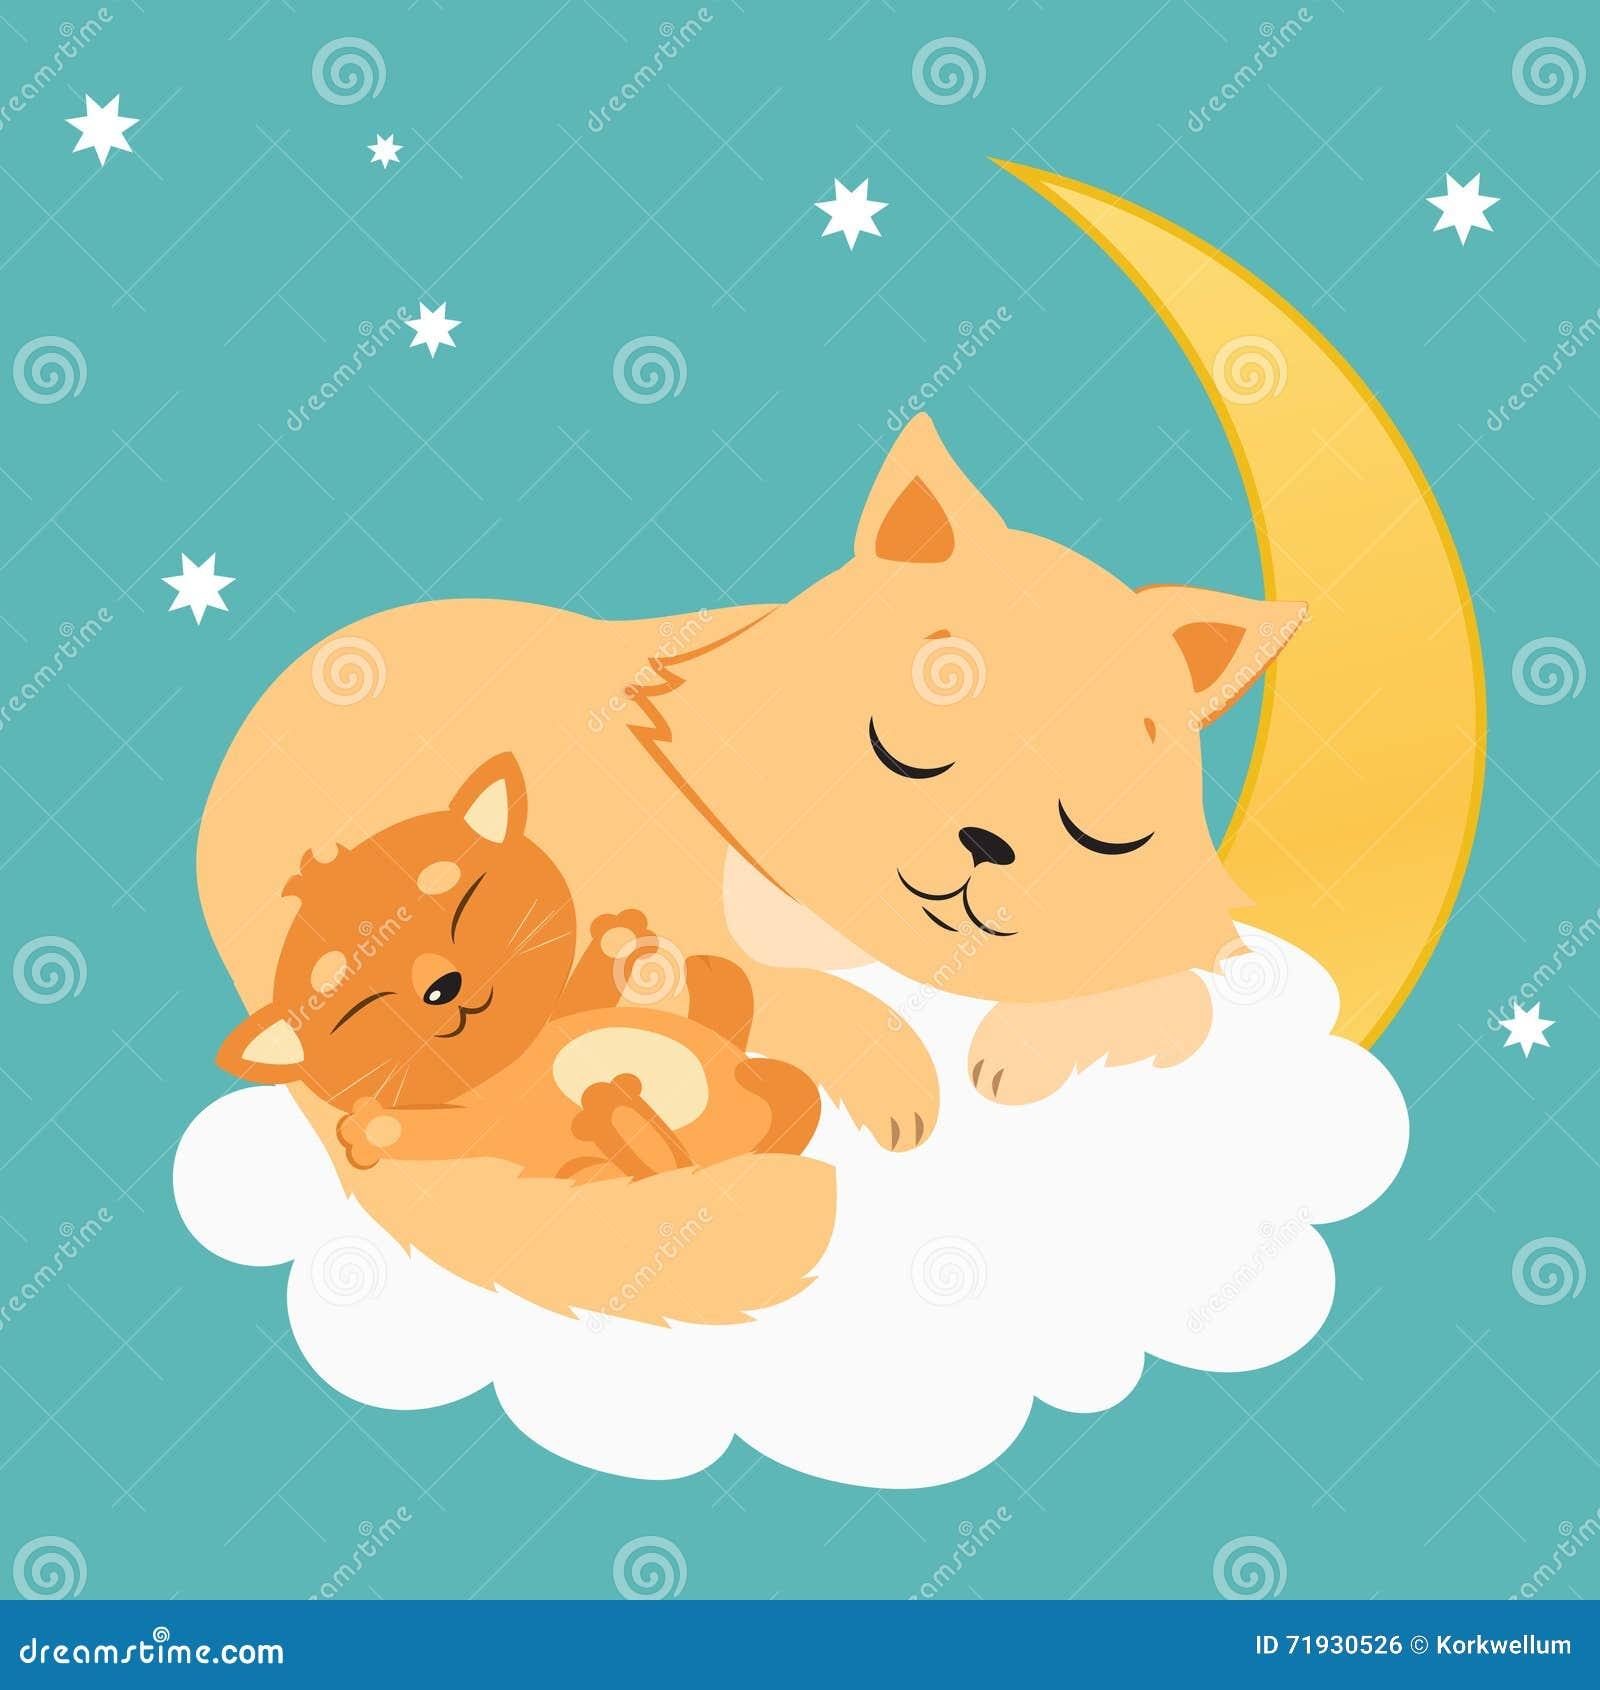 Cat And Kitten Sleeping On mignonne la lune Kitty Cartoon Vector Card douce